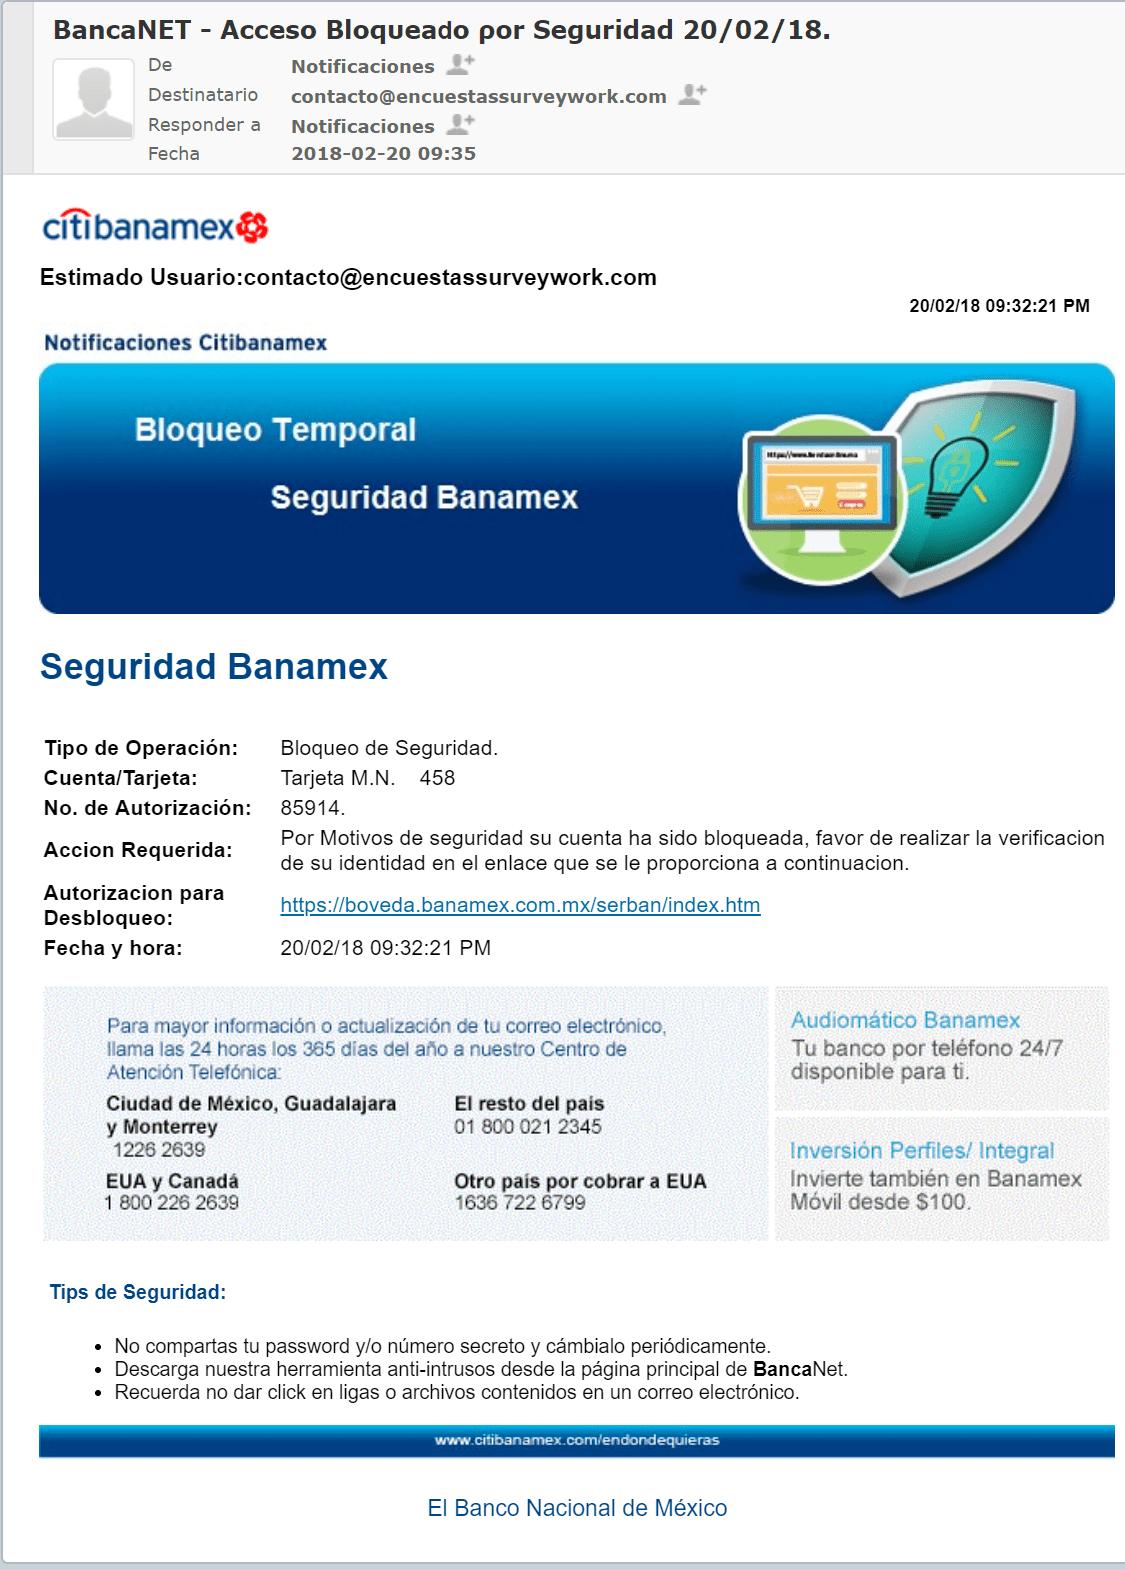 Email fraudulento – Intento de robo de indentidad y/o datos bancarios